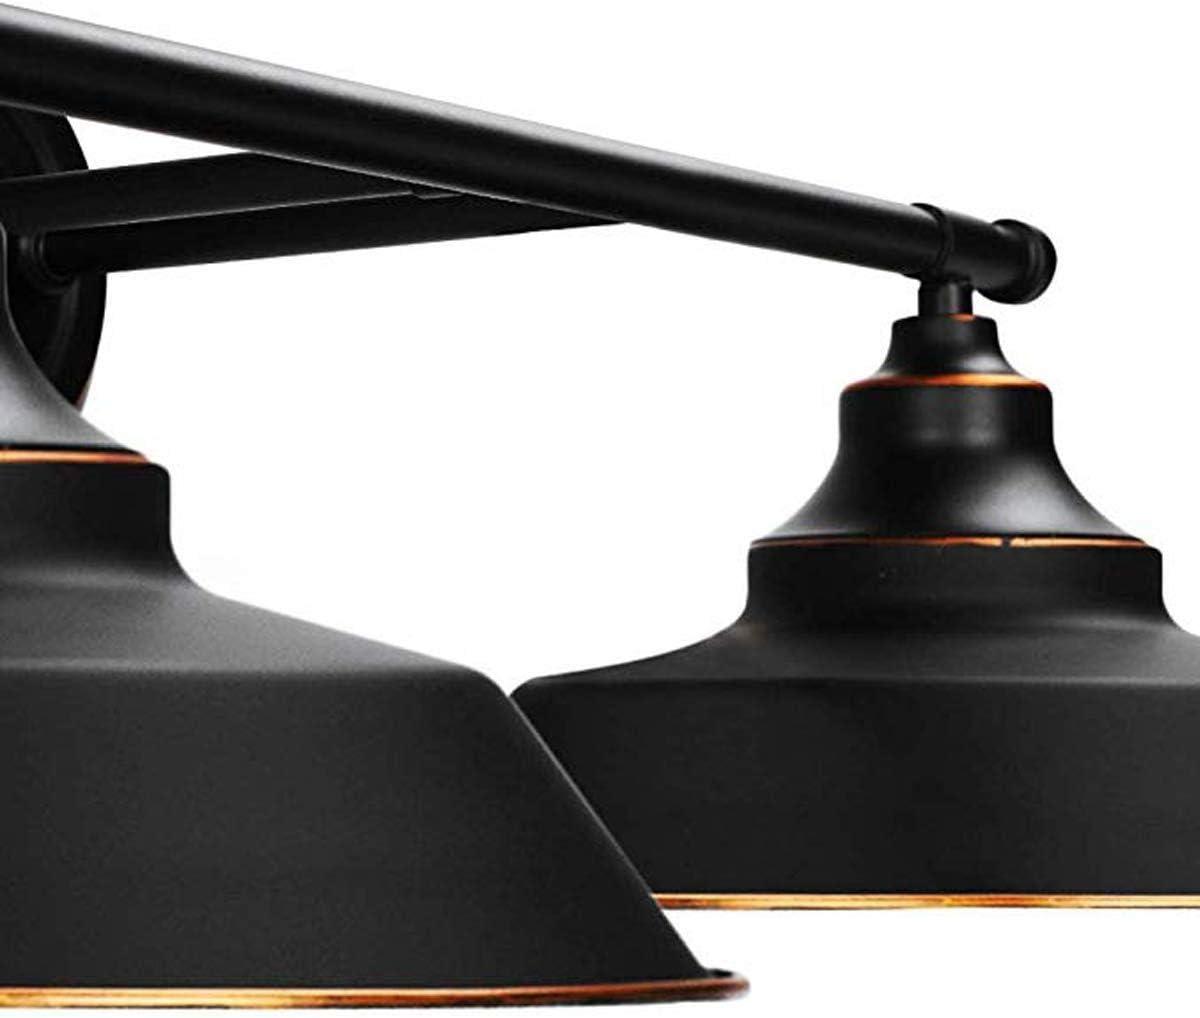 Wandlampe Vintage Wandleuchte E27 2-flammig Badezimmer Lampe Spiegelleuchte Badlampe Schwarz Metall Eisen Spiegellampe Wandmontage Badleuchte Wandlampe Innen Spiegel Frontleuchte Spiegelbeleuchtung Wandlicht